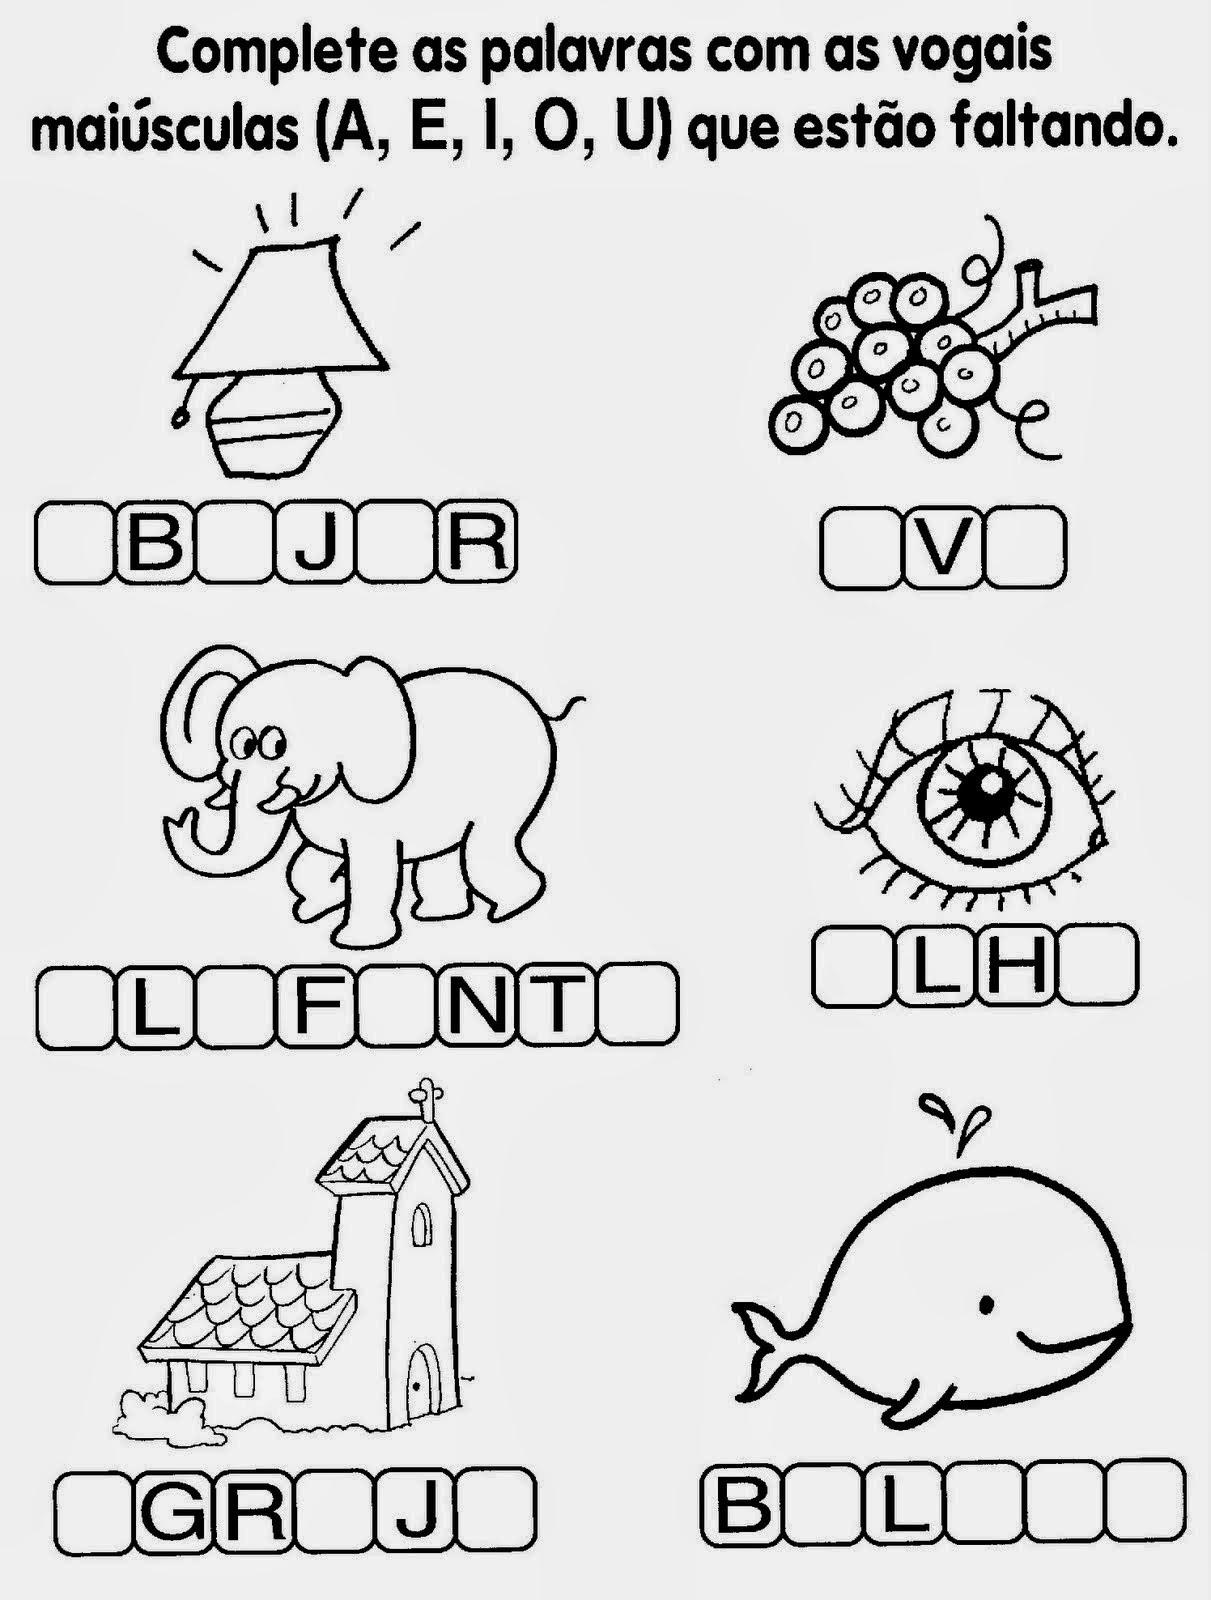 Fabuloso Escola Saber: Atividades de alfabetização 1 ano vogais CG23